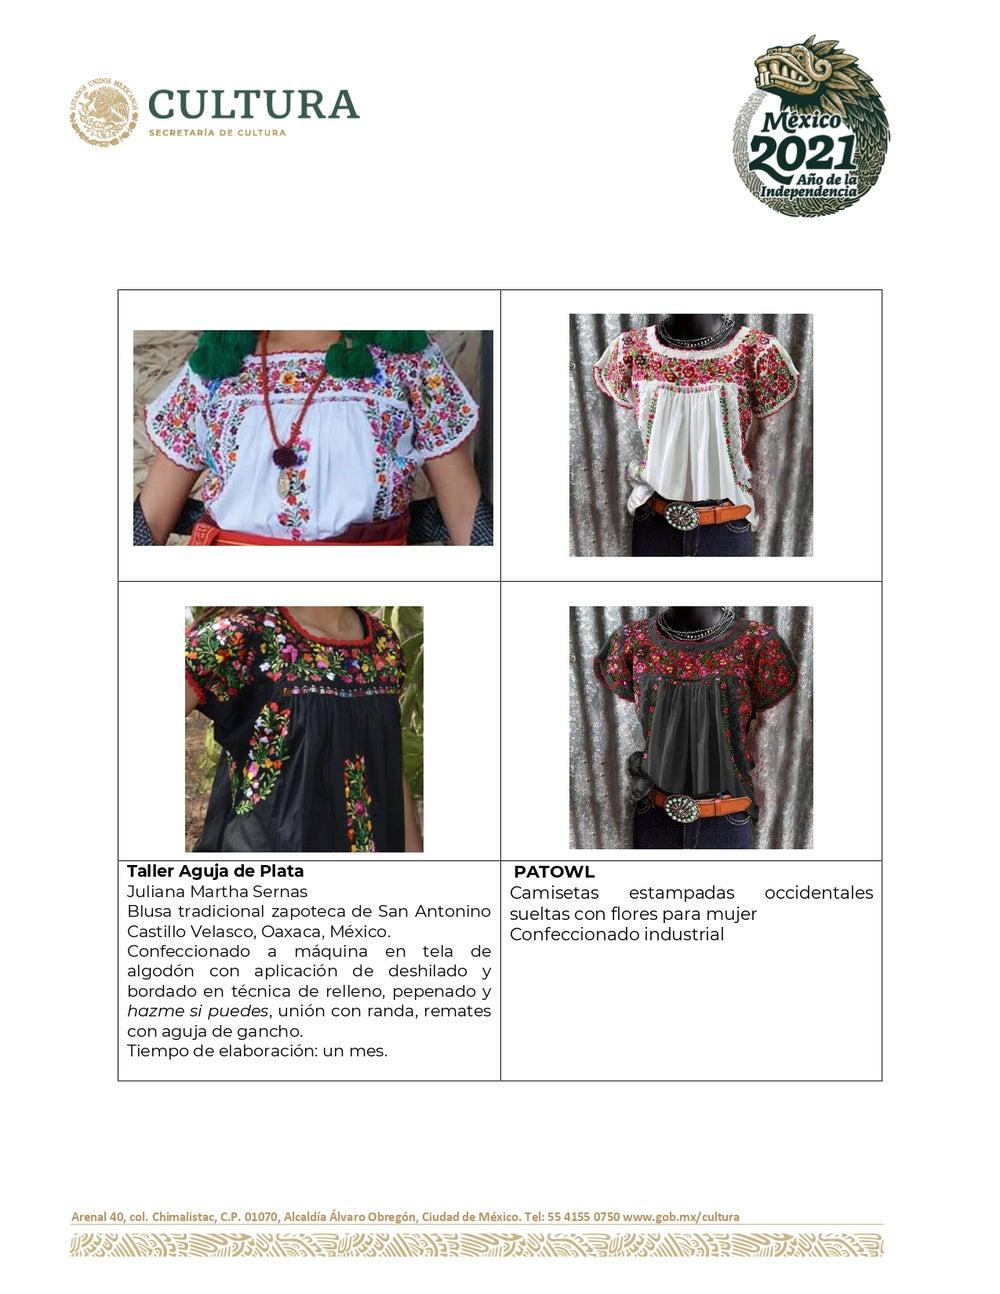 Phía Mexico đưa ra những so sánh cho thấy các mẫu của dân địa phương và mẫu của một số thương hiệu có sự giống nhau.